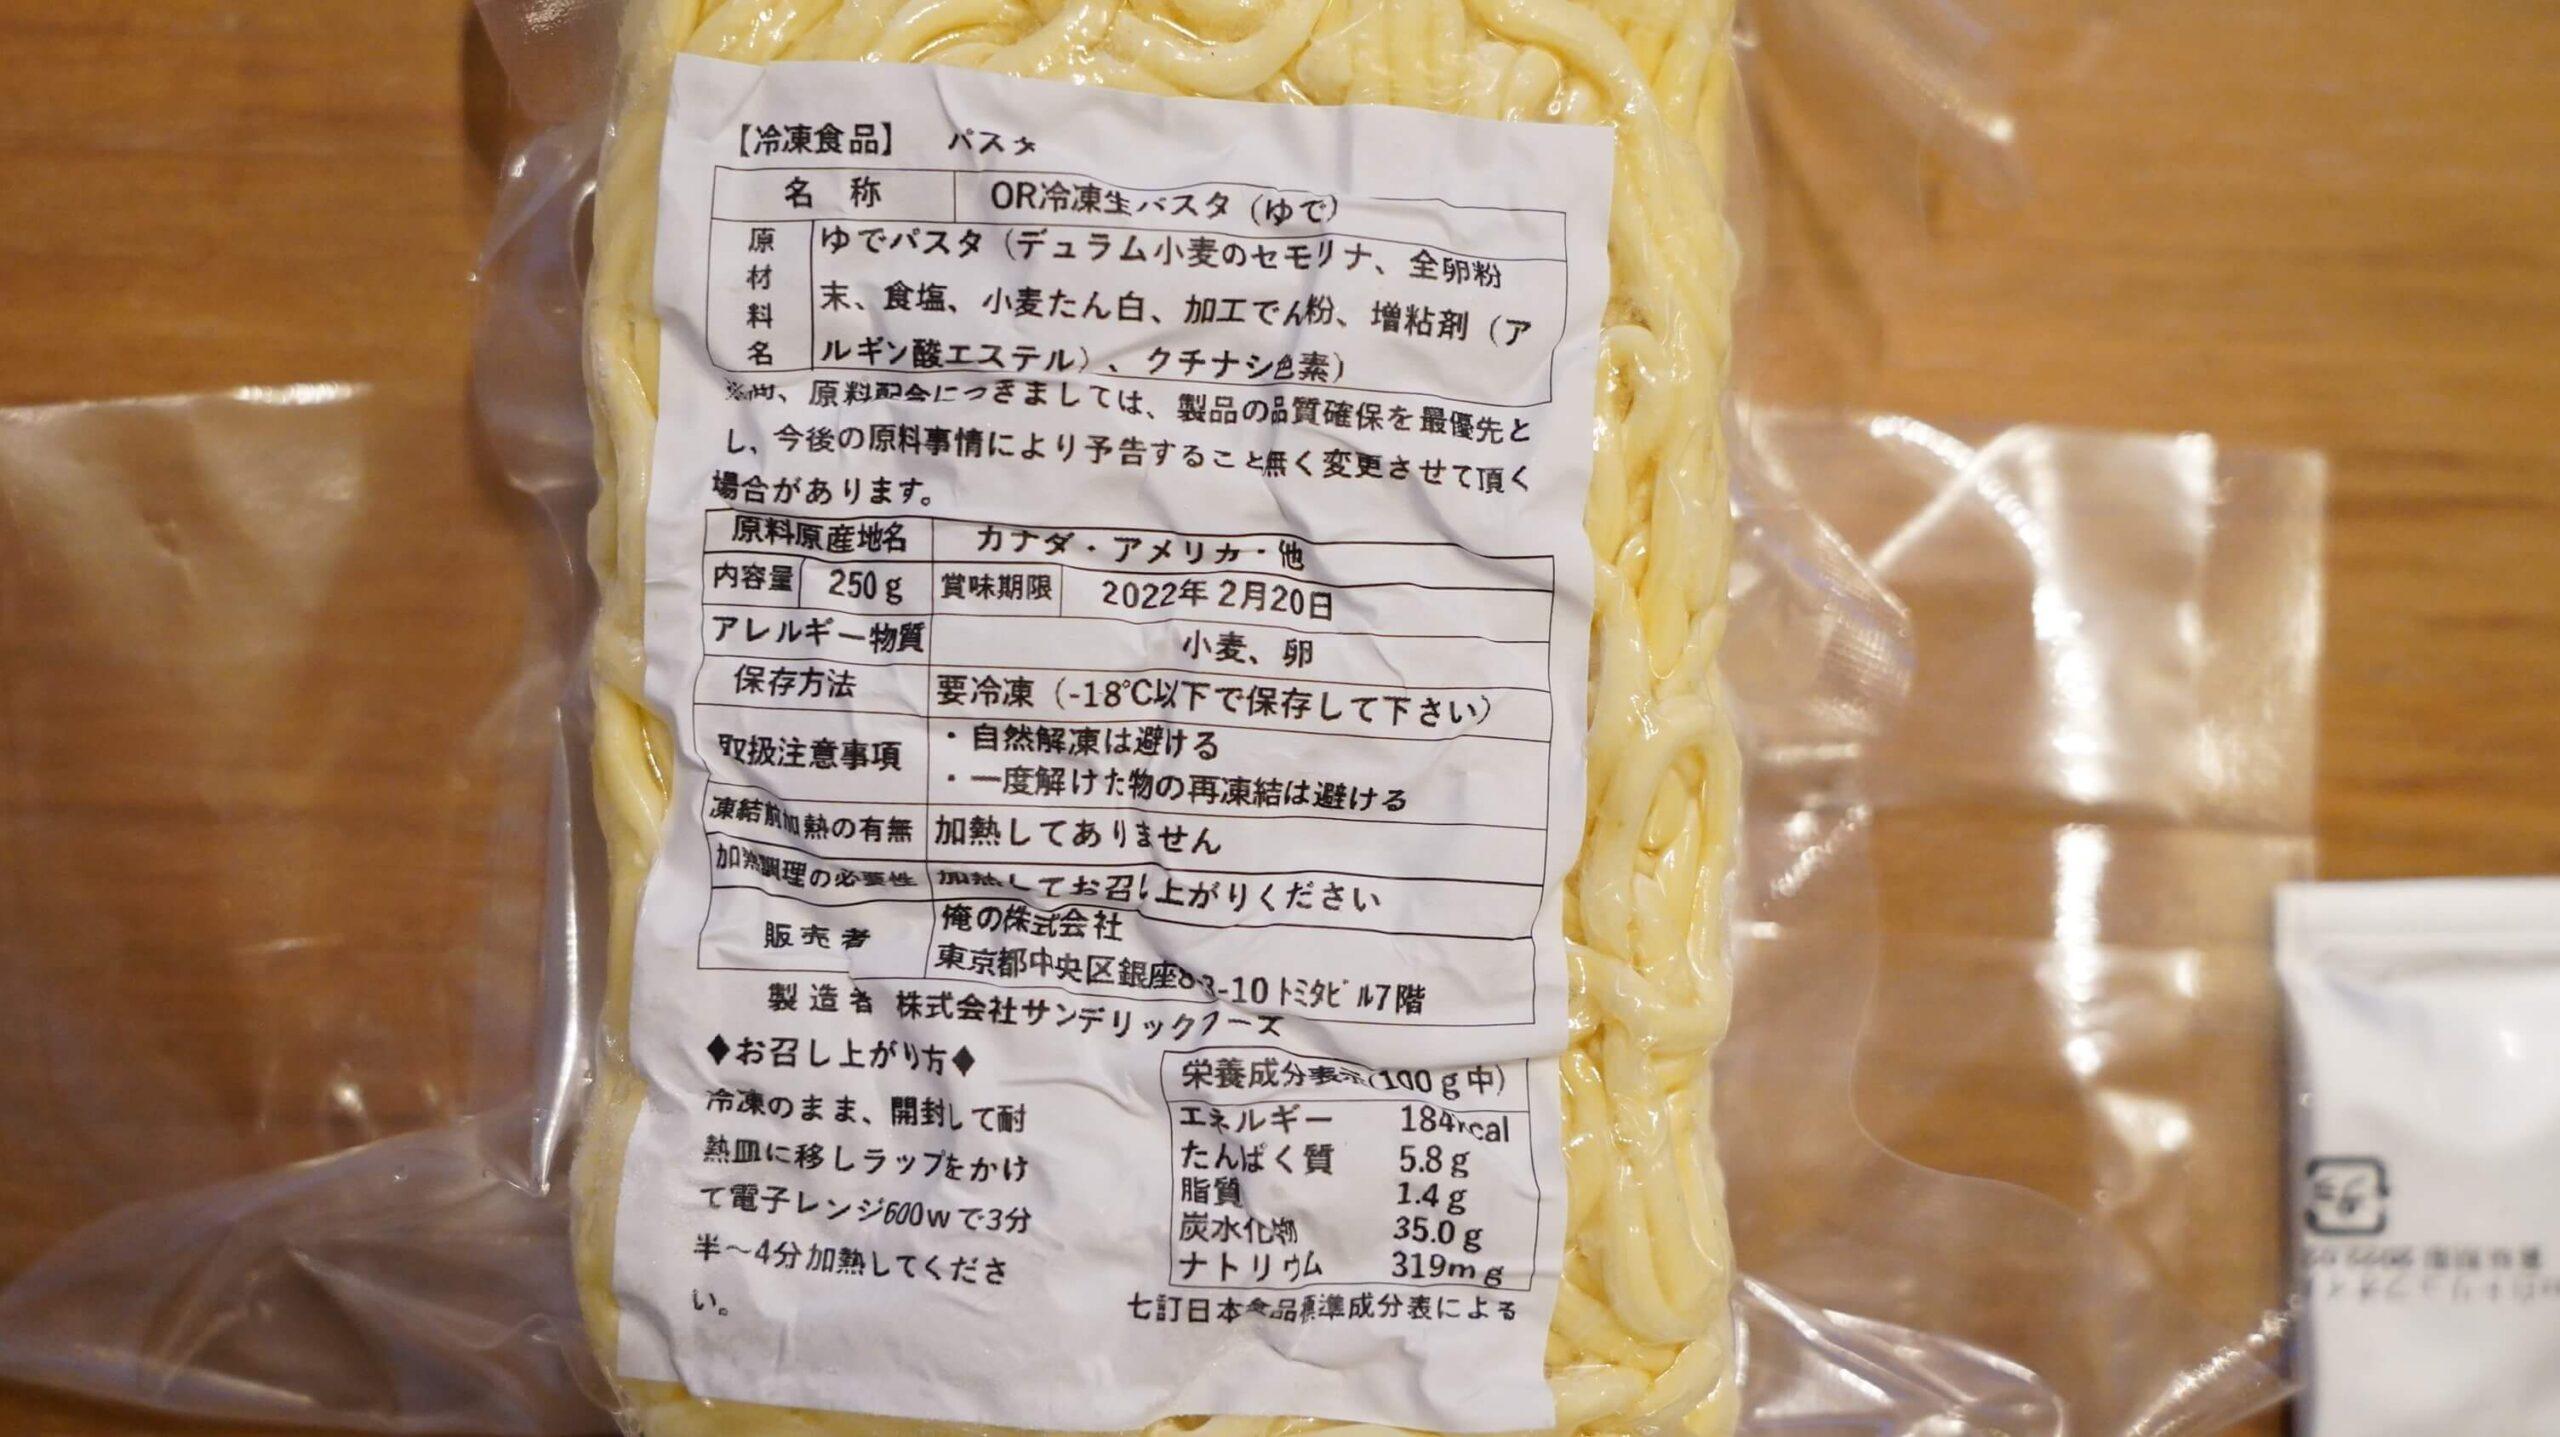 俺のイタリアンの冷凍食品「トリュフ薫るボロネーゼ」のパスタのパッケージの裏面の写真